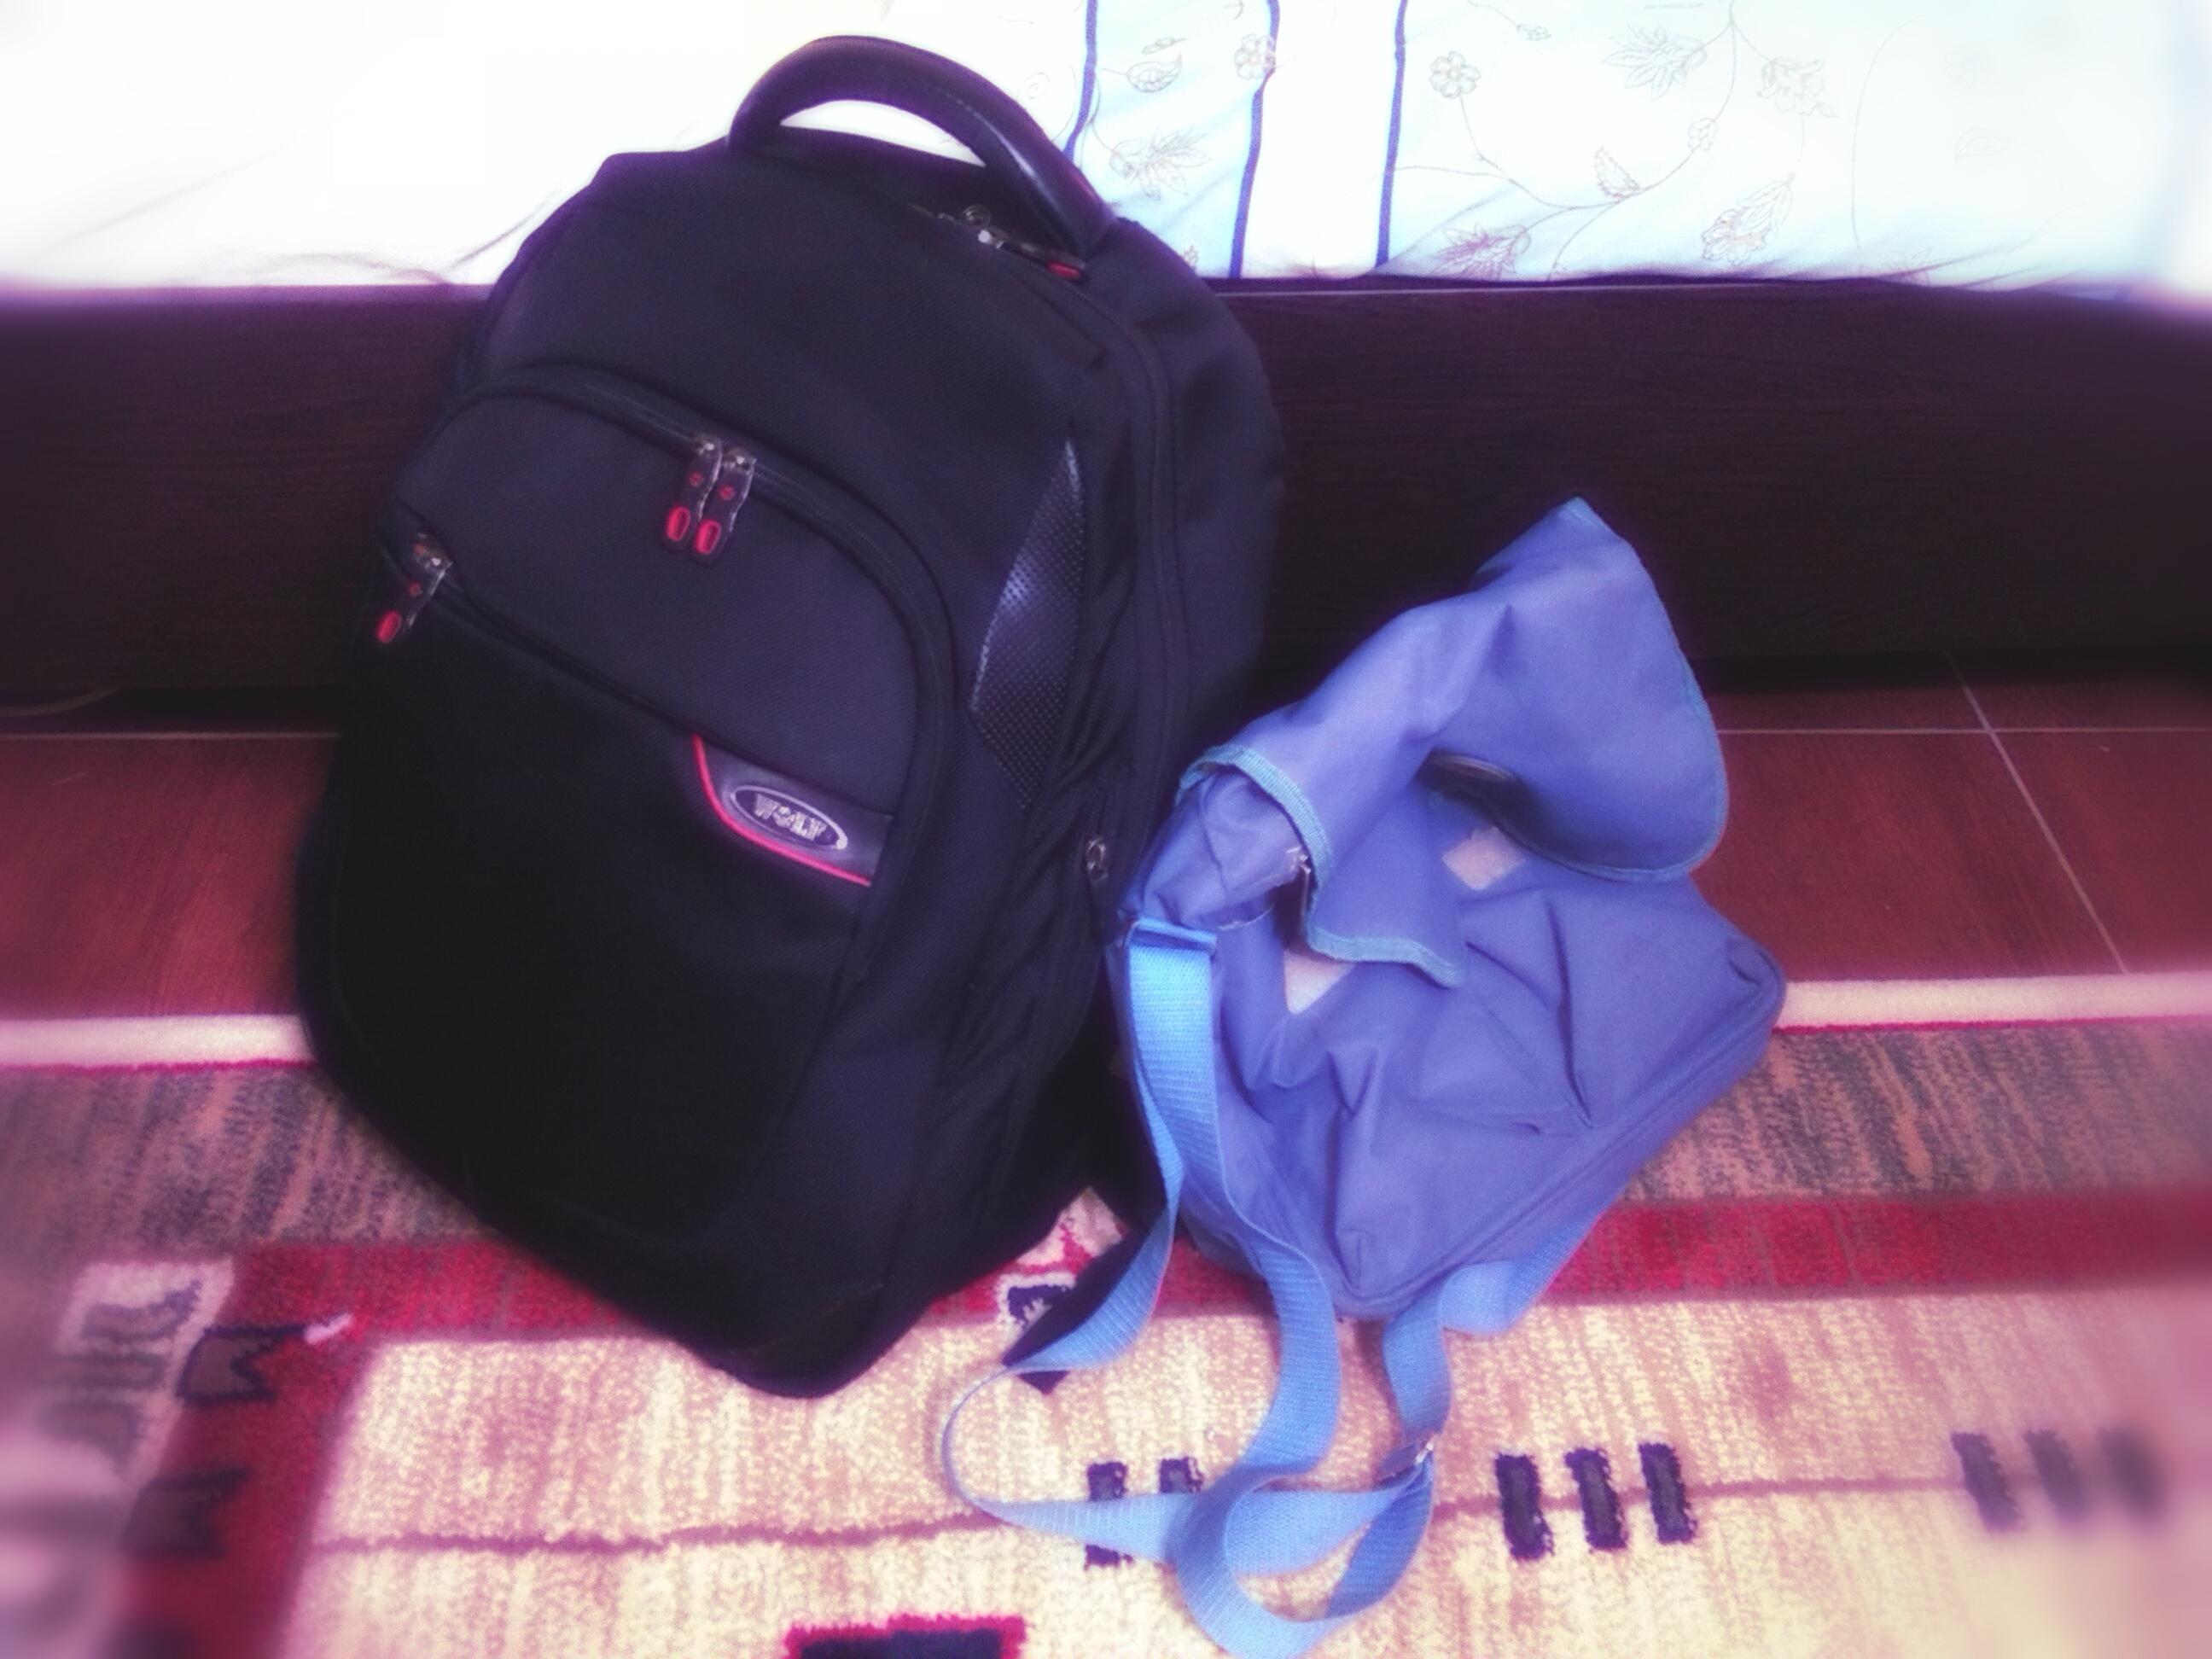 عکسی از کیف های خودم